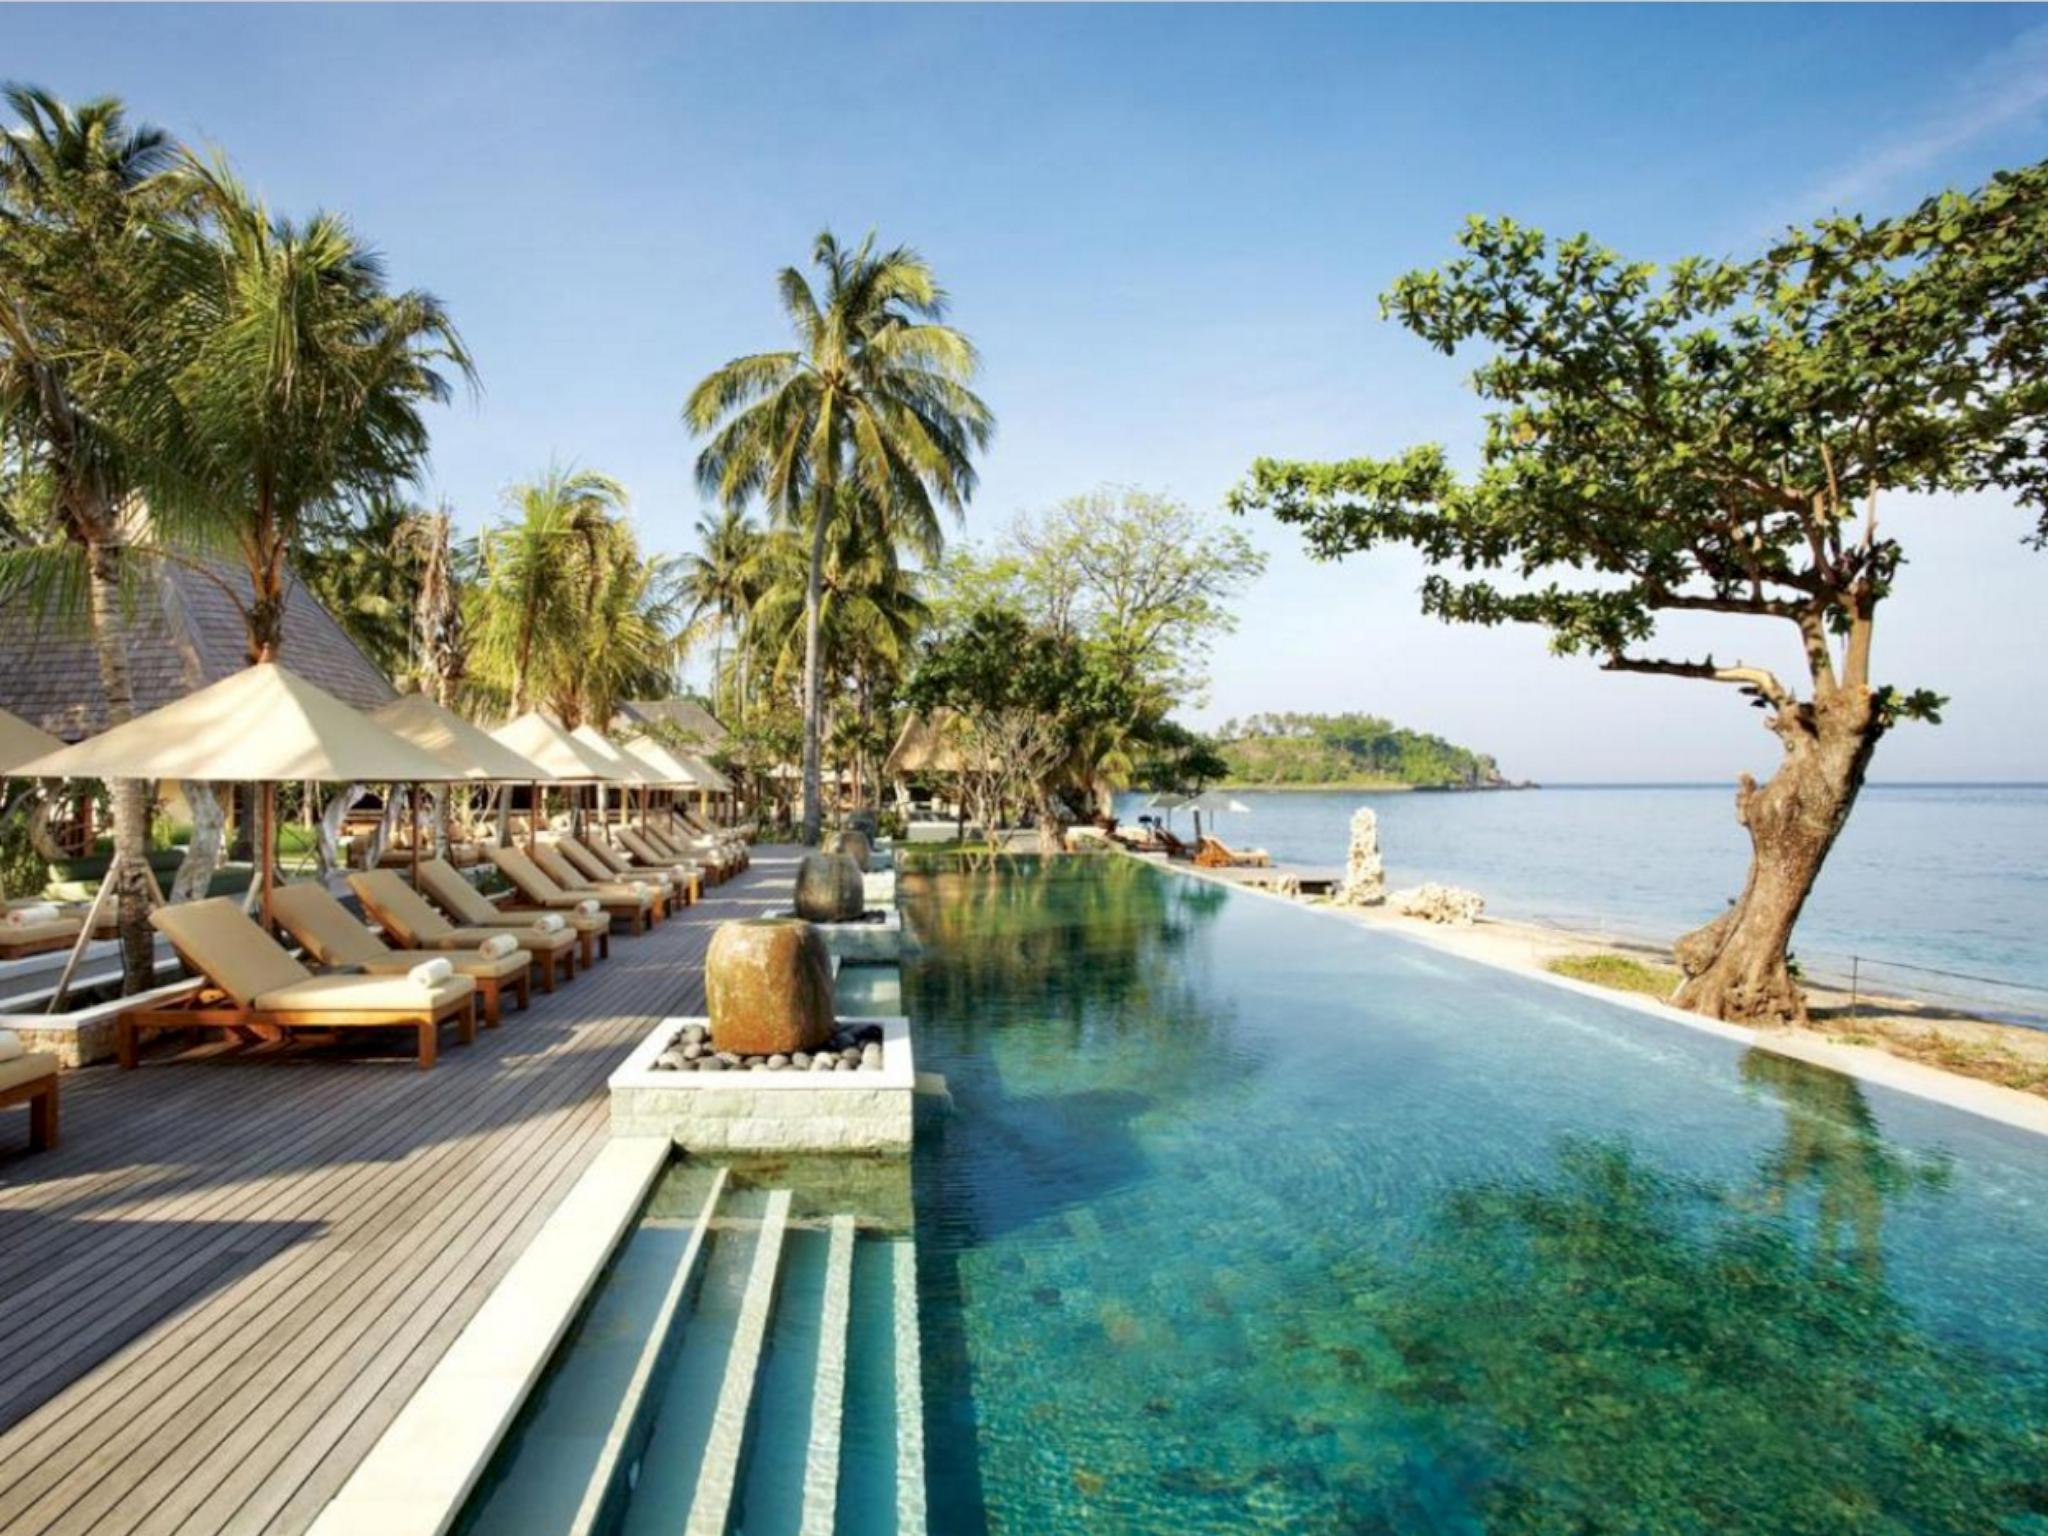 Qunci Hotel and Pool Villas